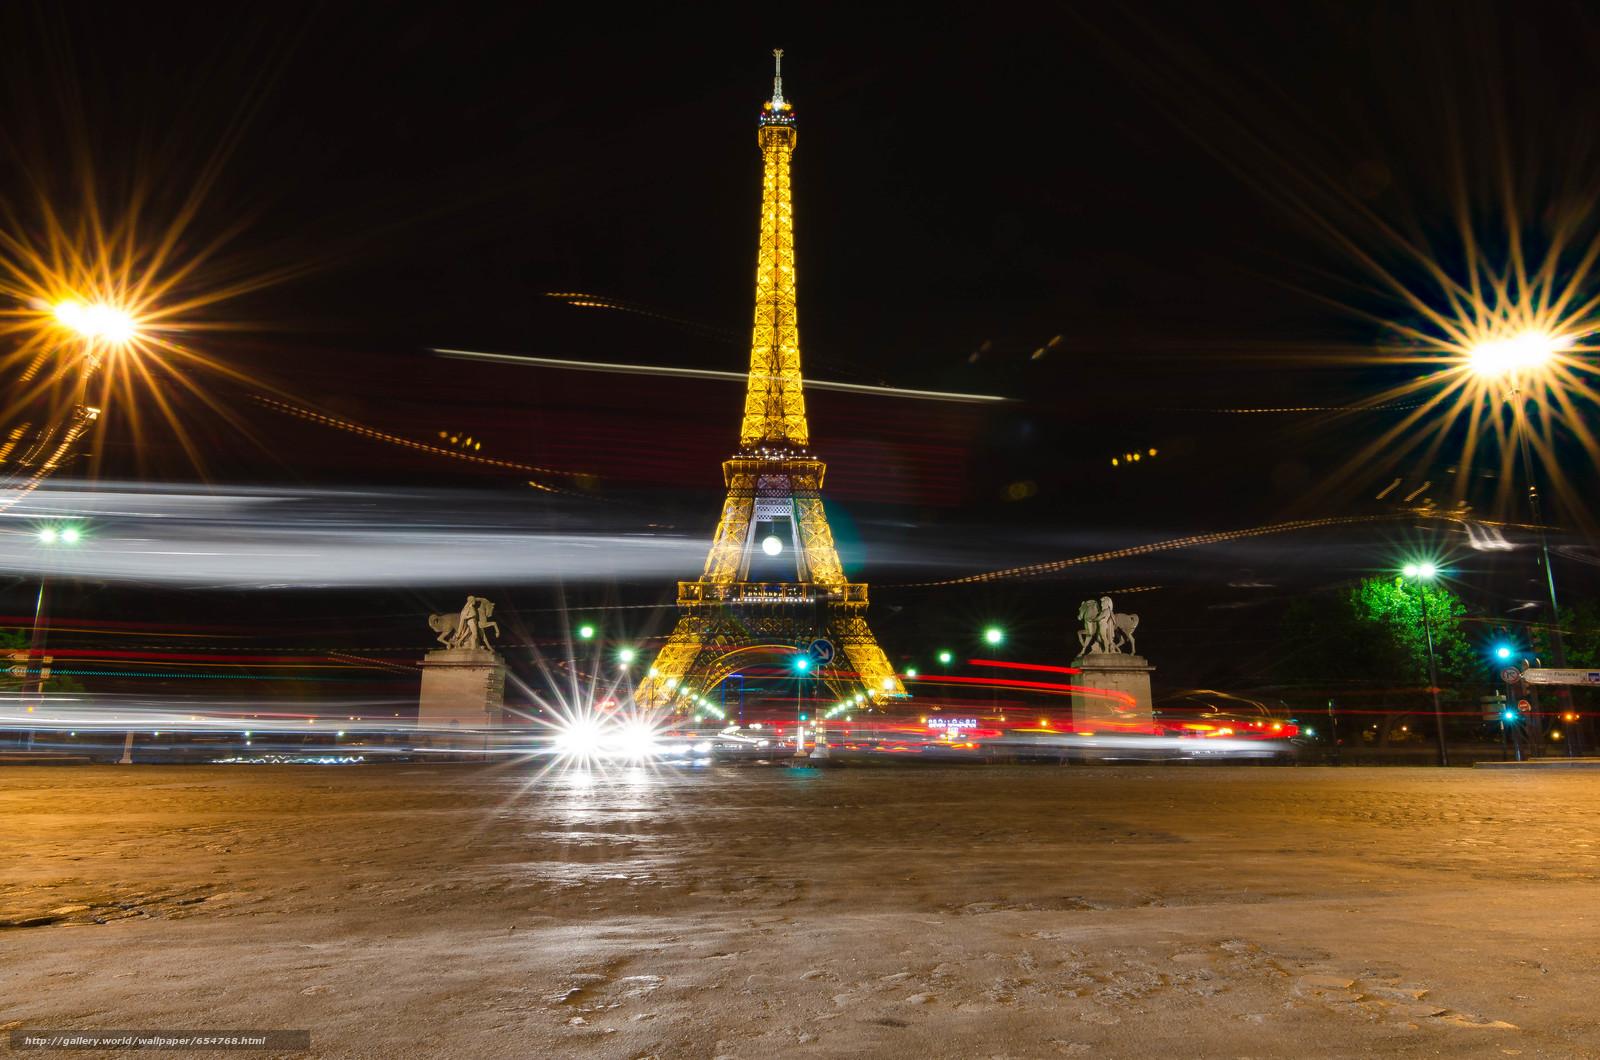 Download wallpaper Eiffel Tower,  Paris,  France,  Eiffel Tower free desktop wallpaper in the resolution 4928x3264 — picture №654768